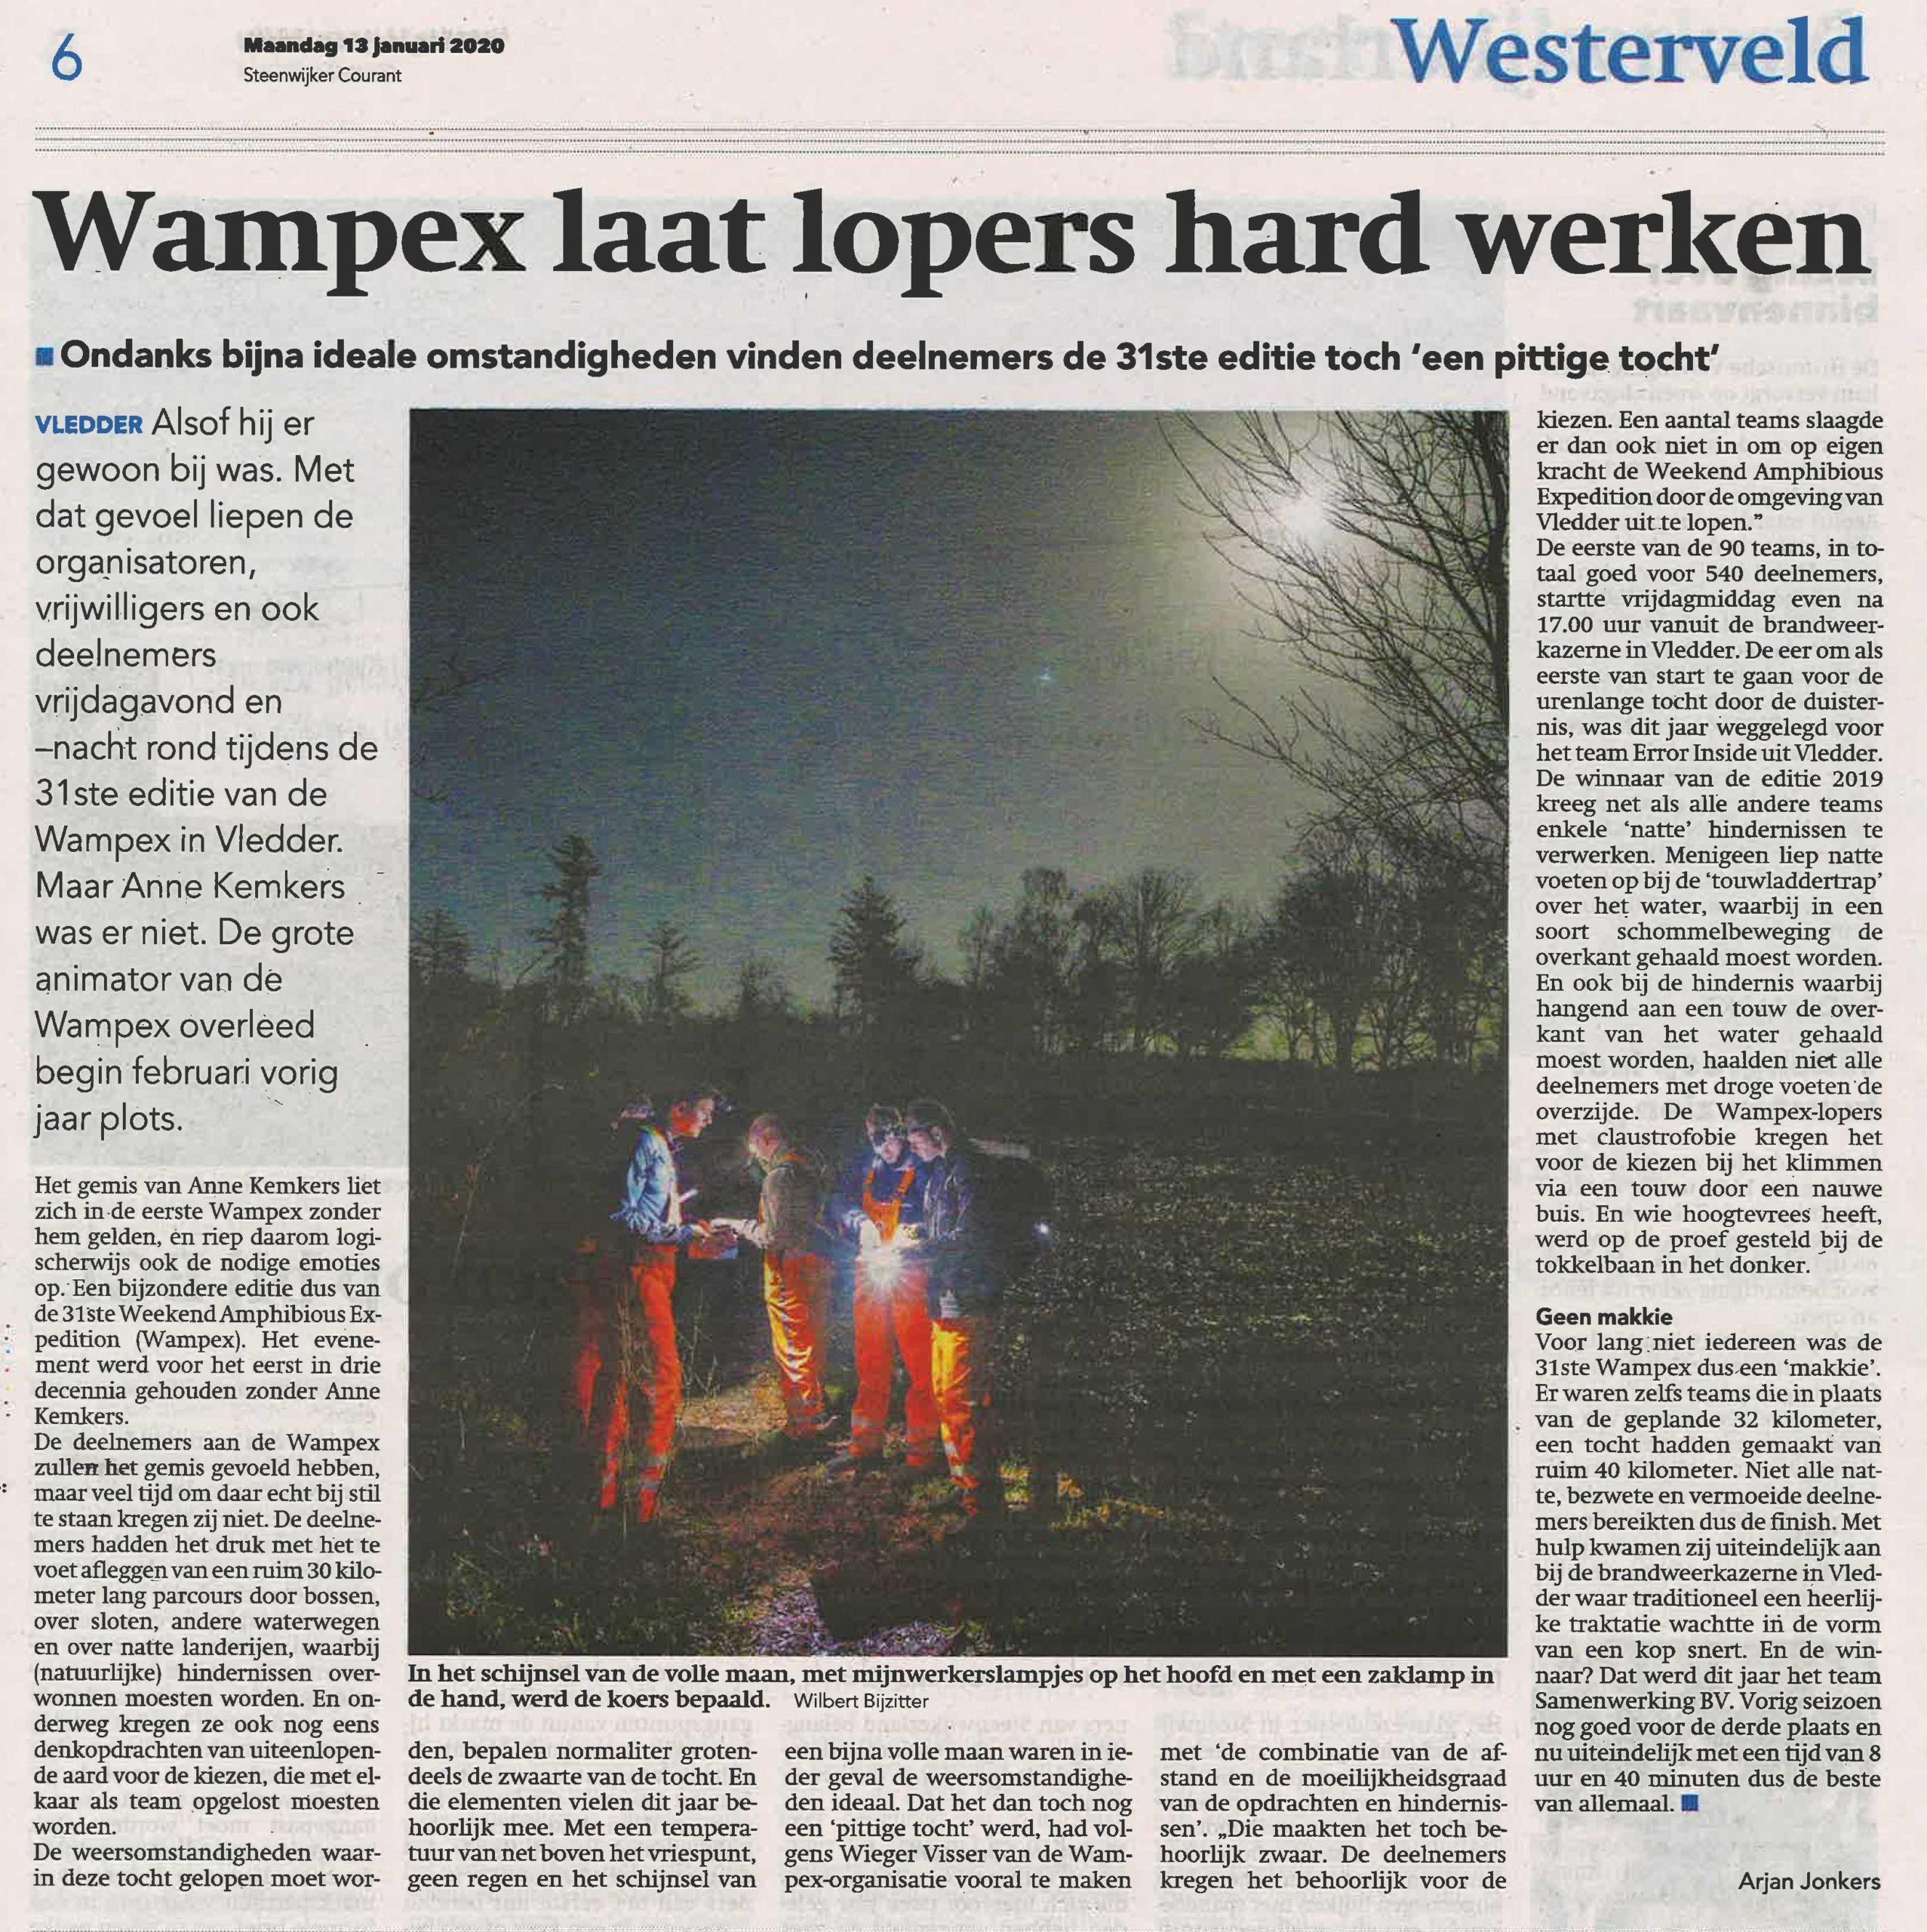 Artikel Steenwijkercourant